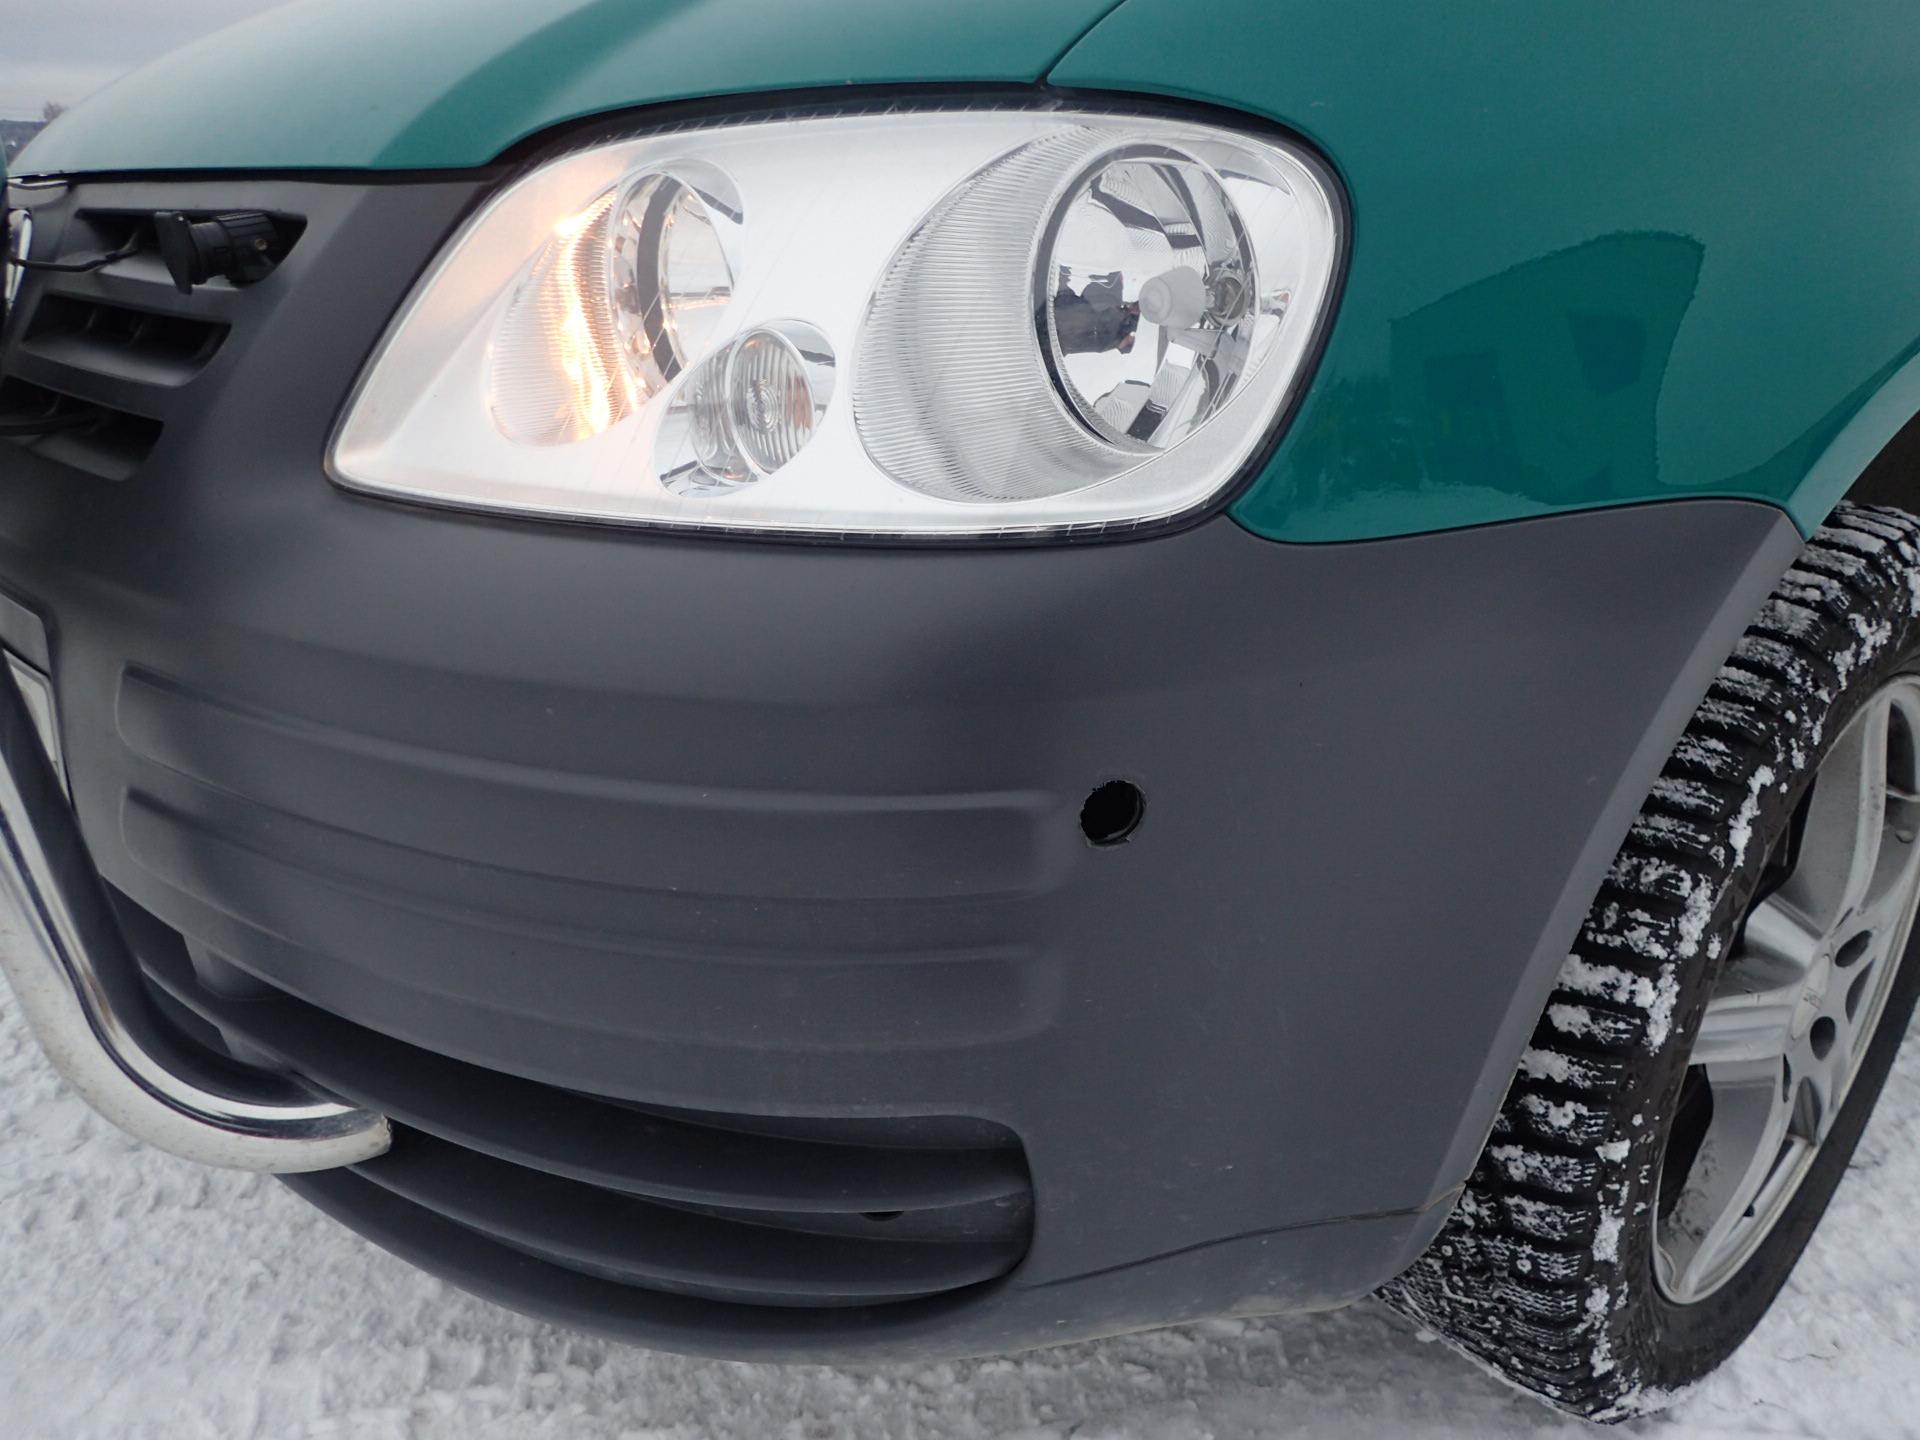 VW Caddy Maxi Skåp Bensin/Gas -10 Reg Nr: BKT930 Med